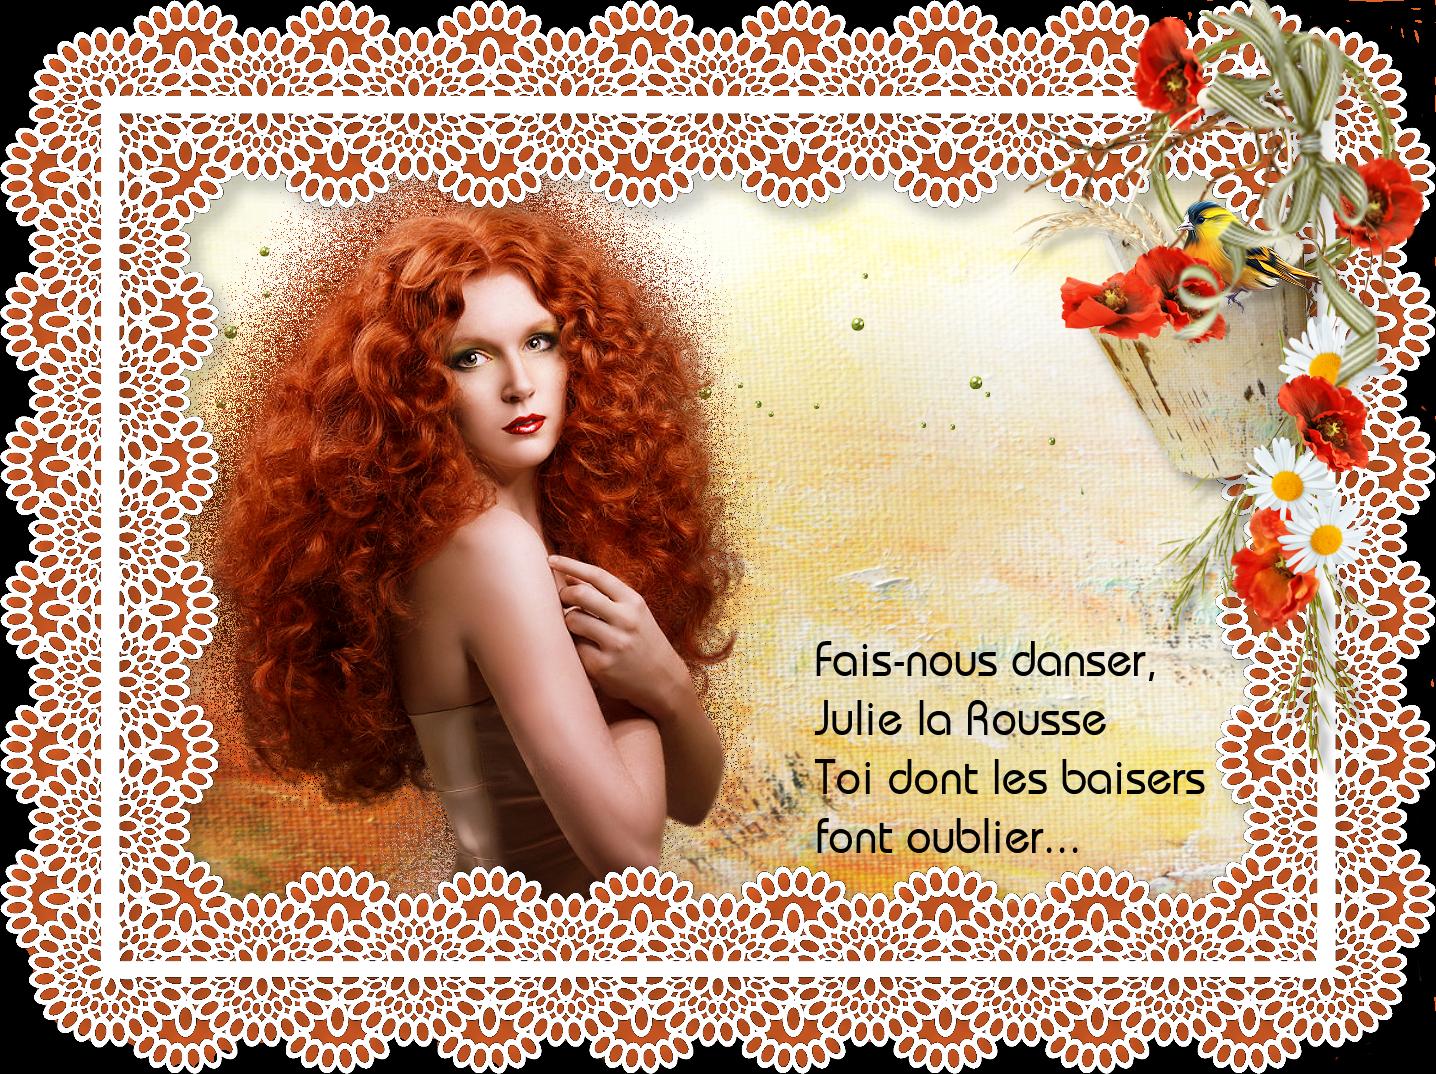 Julie la Rousse 5342441542